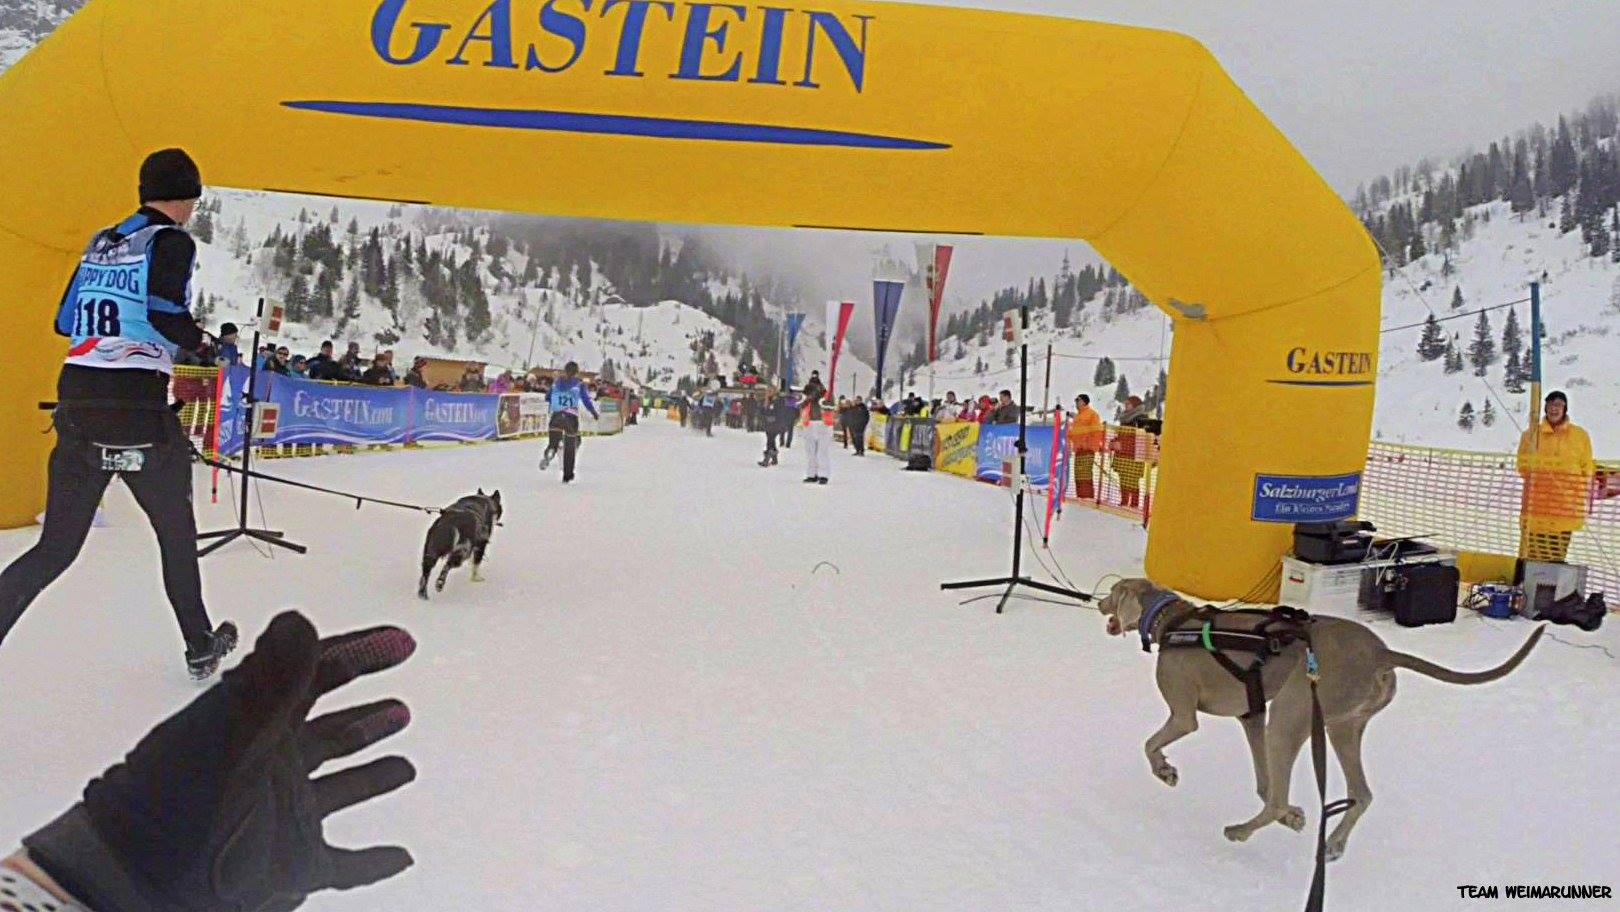 DerHundling-Sportgastein-SchneeCanicross4